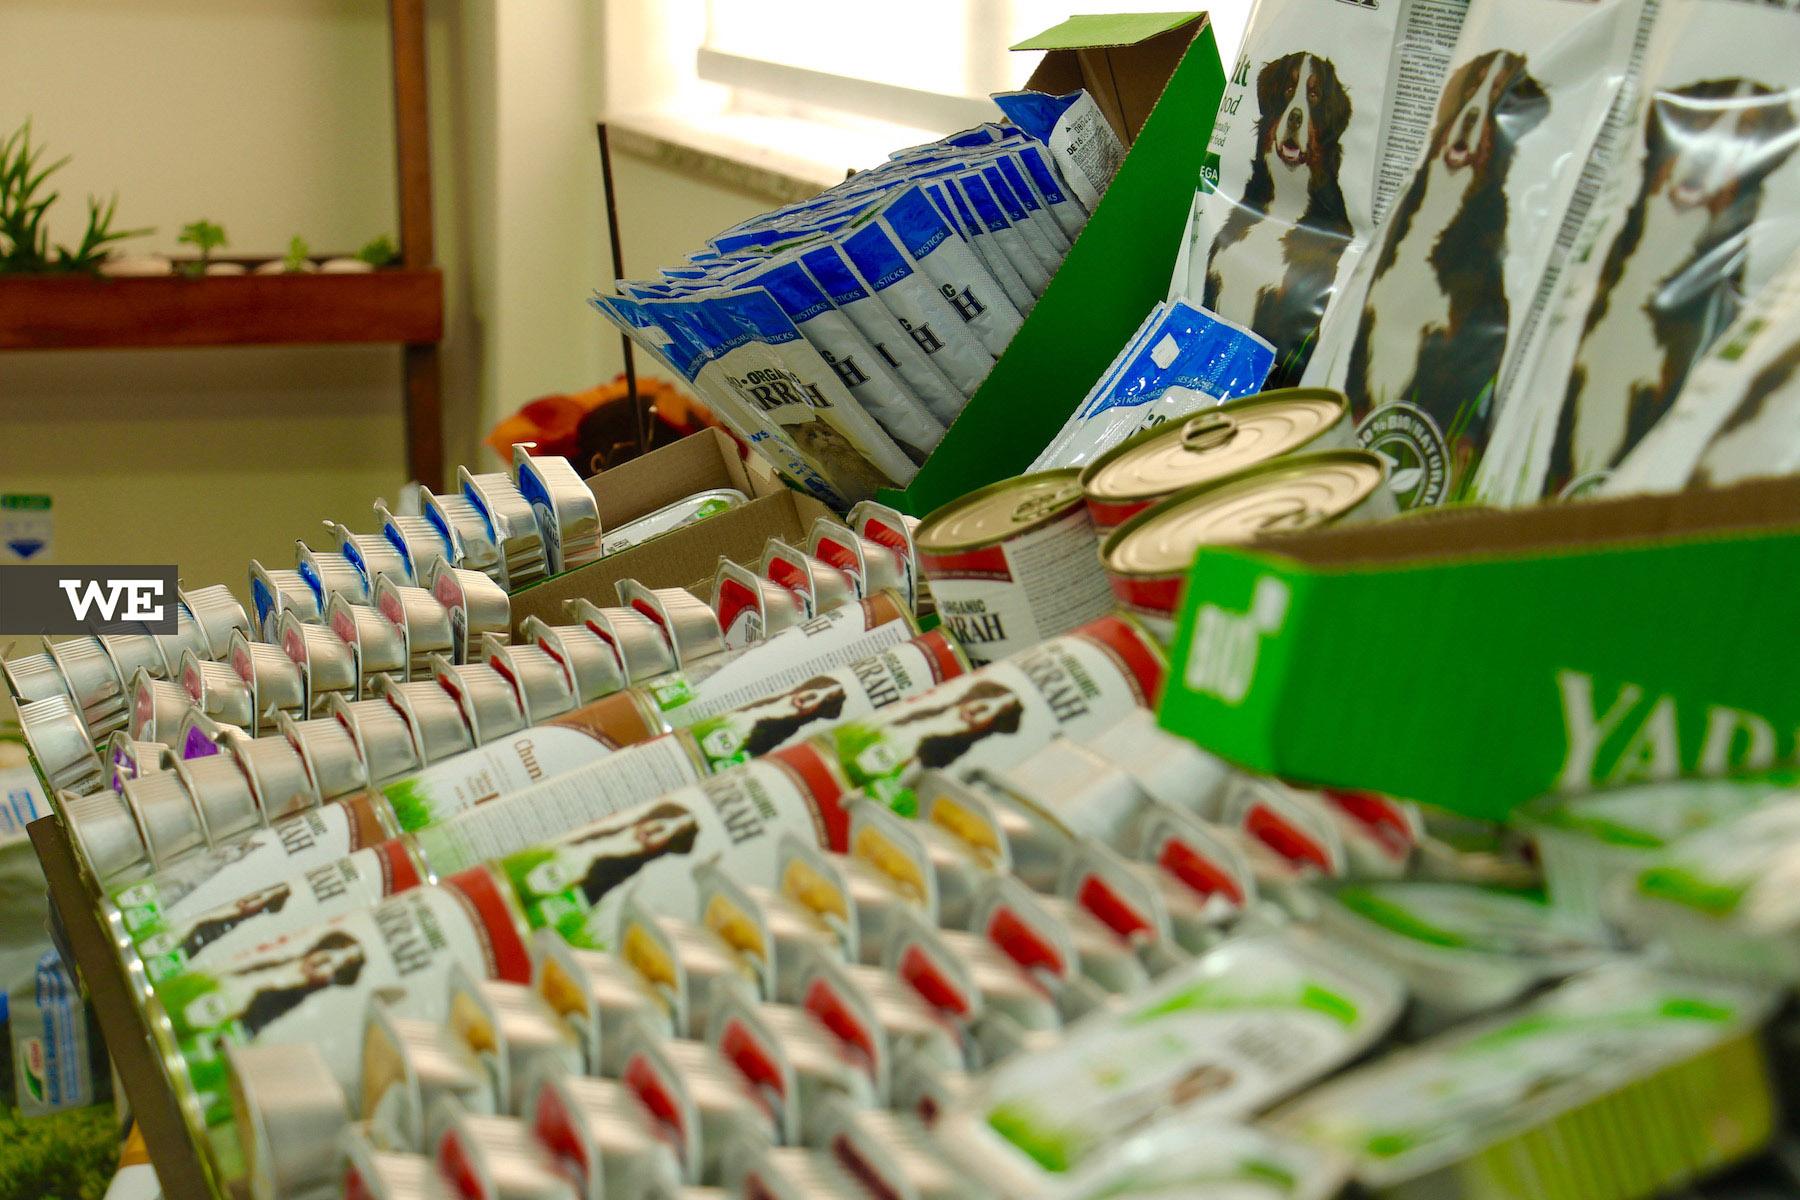 Comida BIO para animais na Biobrassica, uma loja de produtos biológicos.